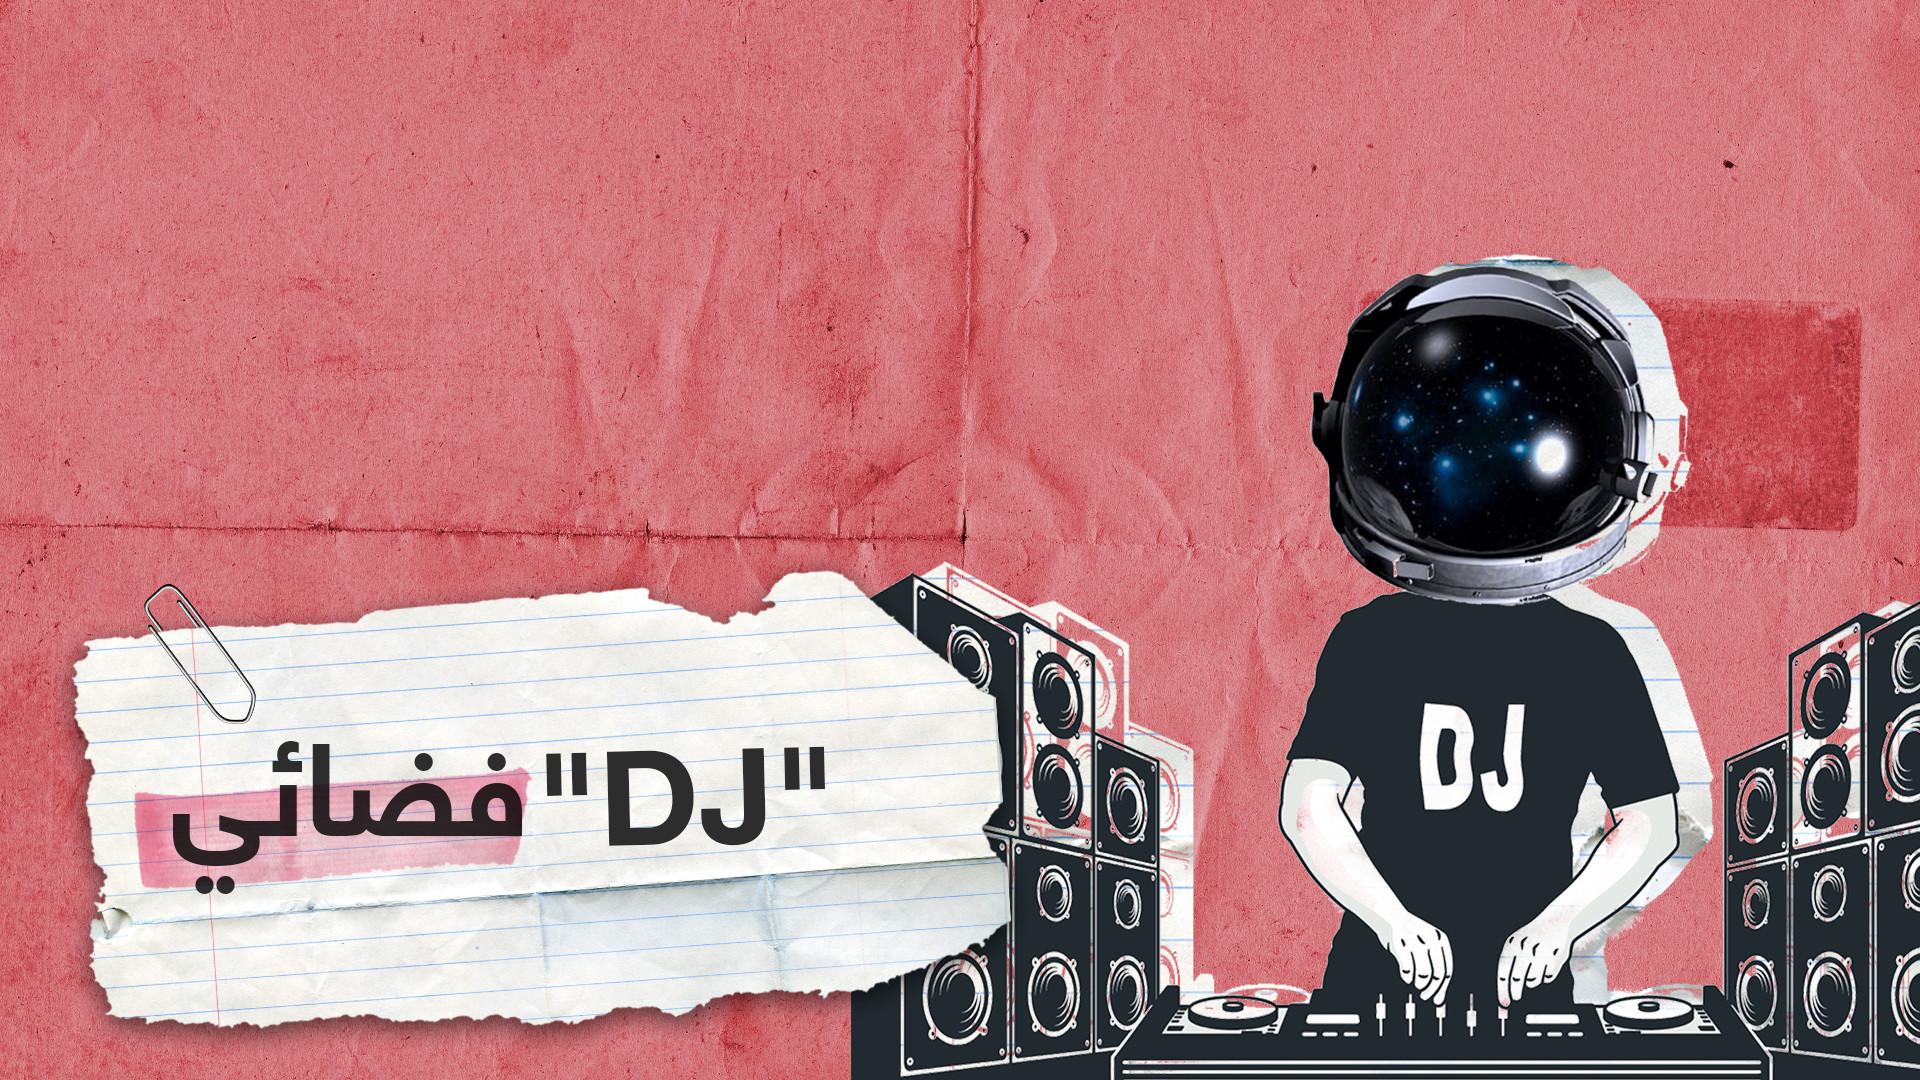 شاهد.. DJ يقدم عرضه الموسيقي من الفضاء